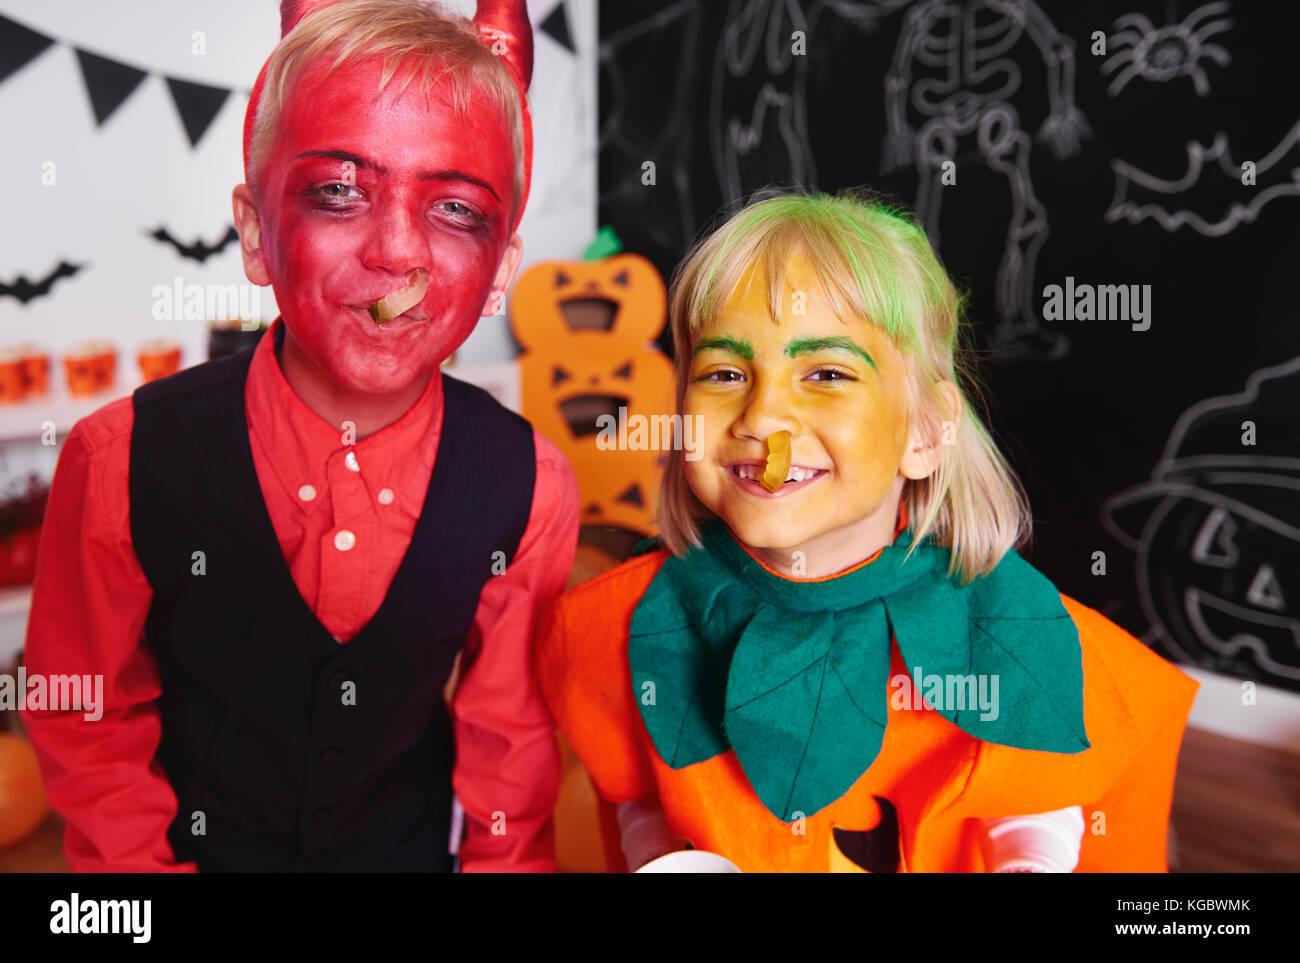 Frères et sœurs ayant un plaisir avec gummy worms Banque D'Images